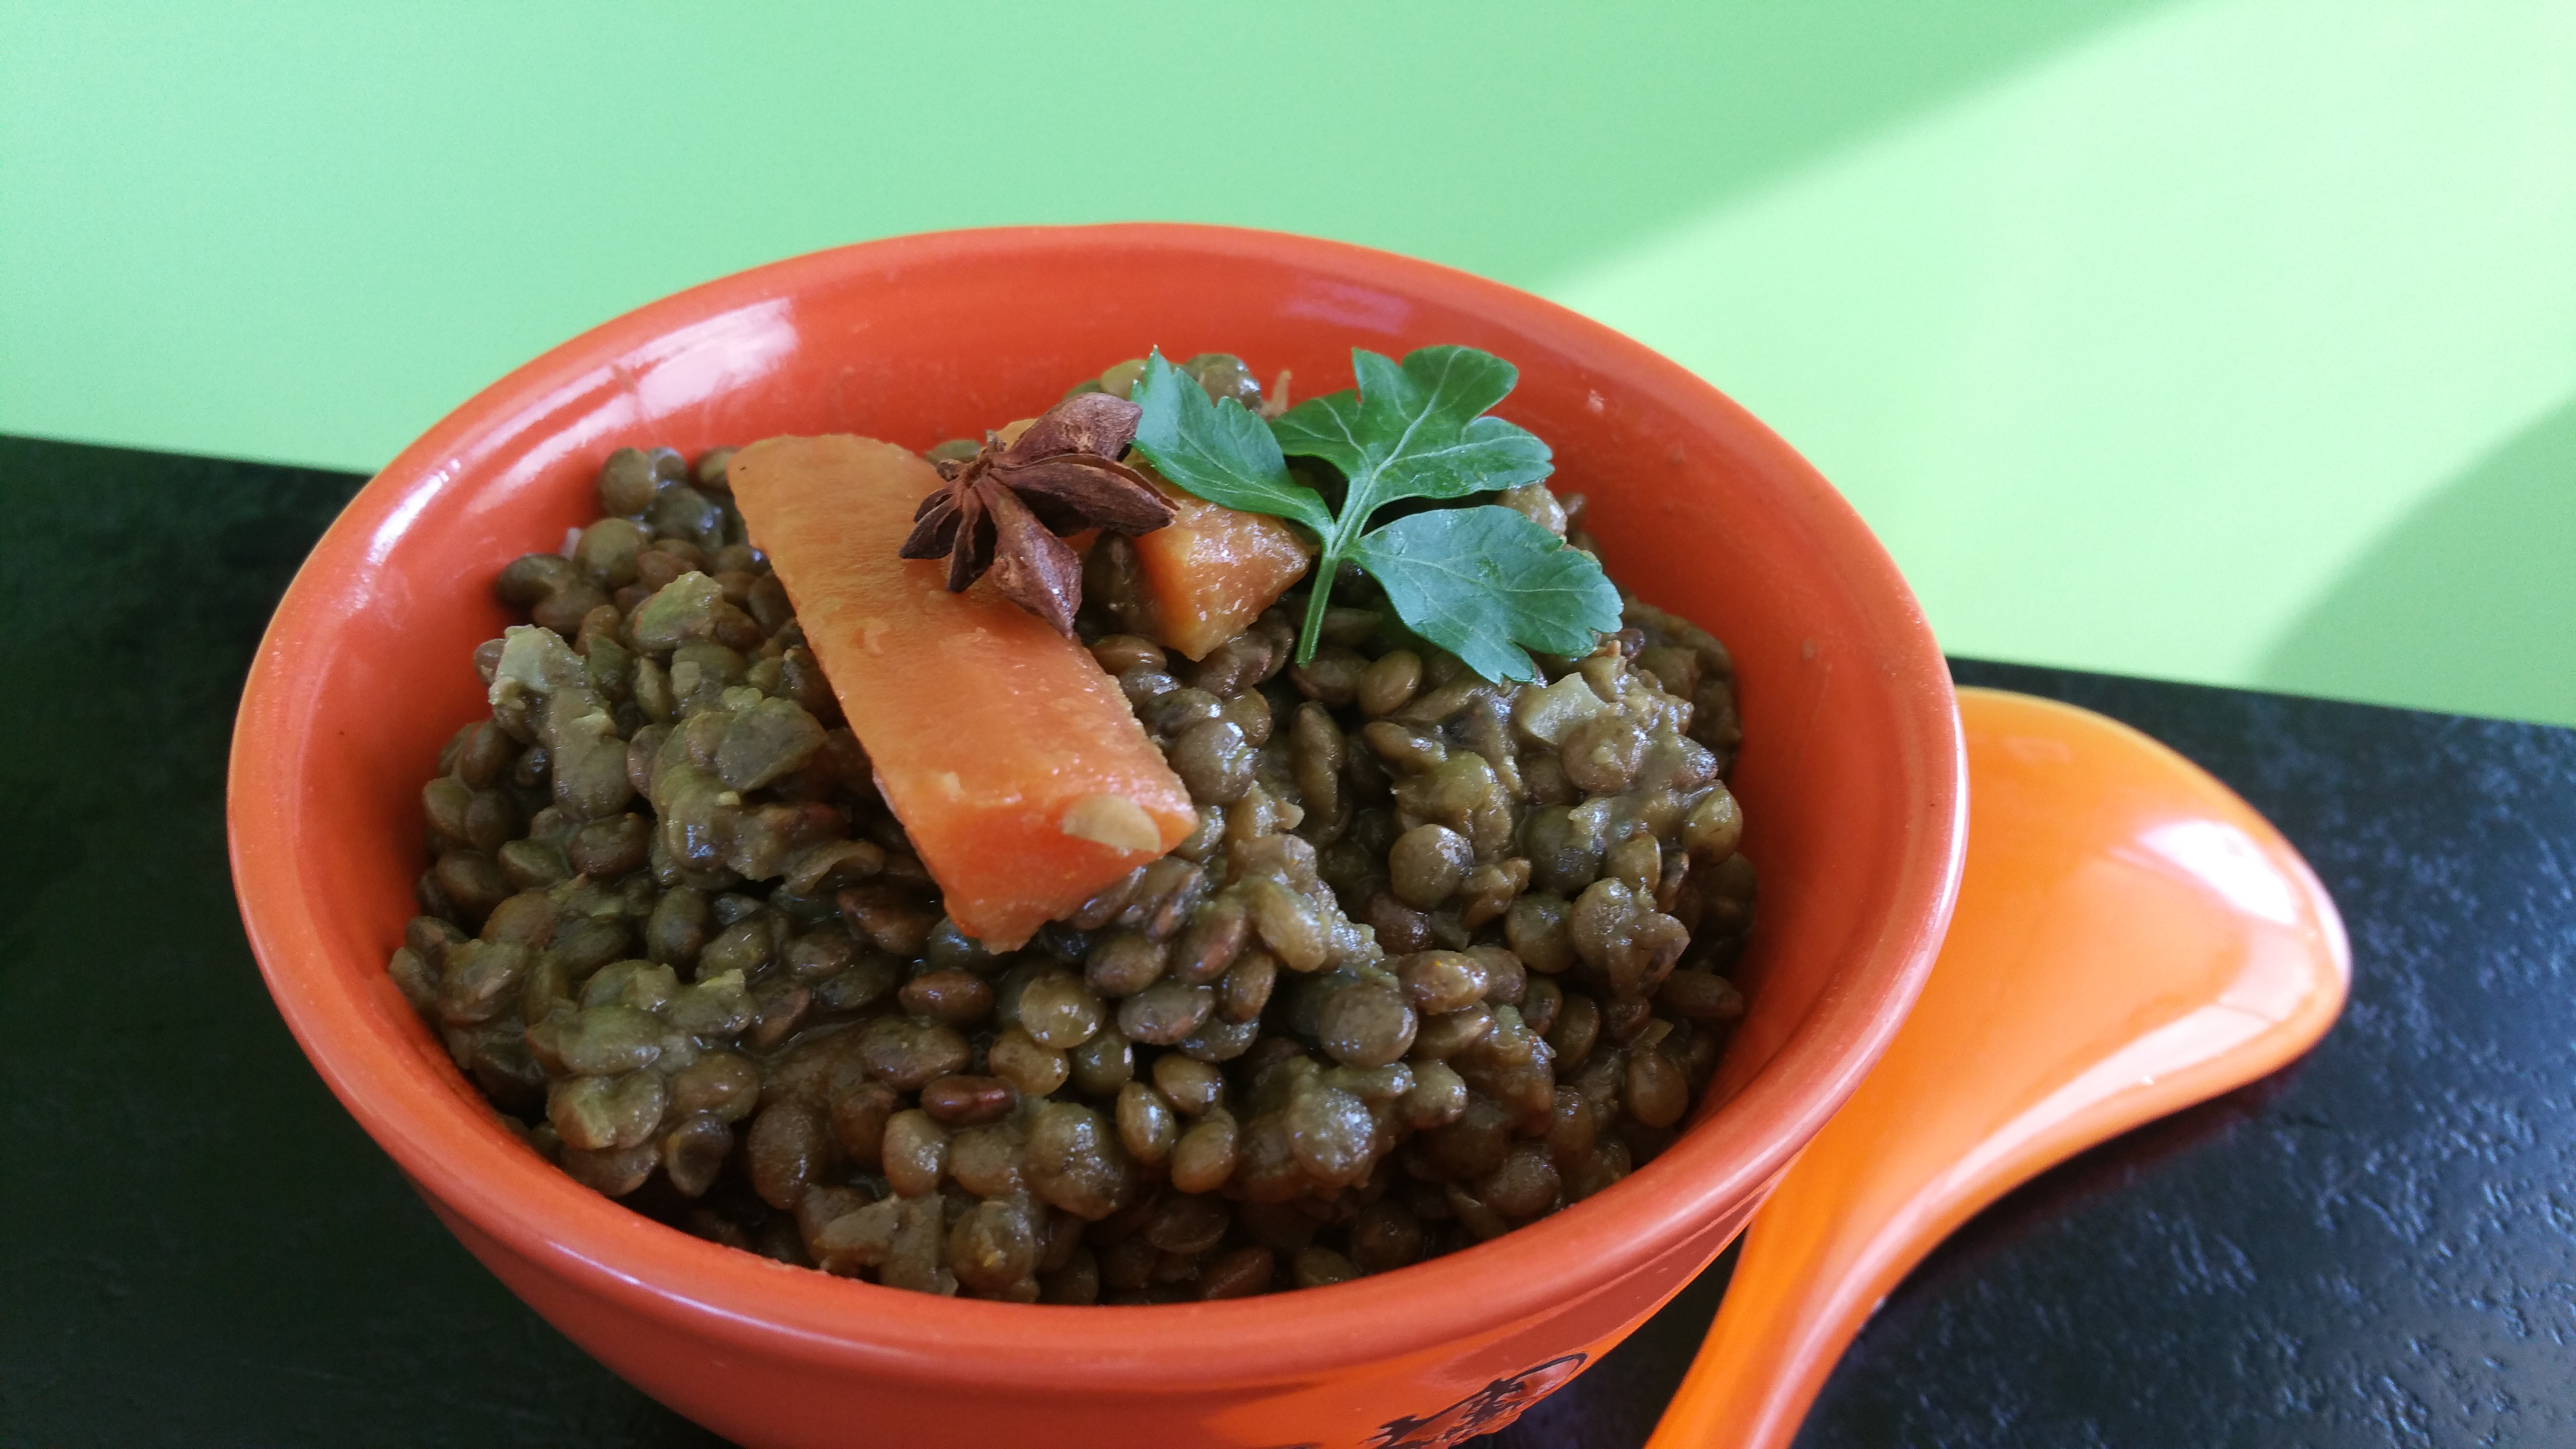 Ragoût de lentilles vertes du Puy